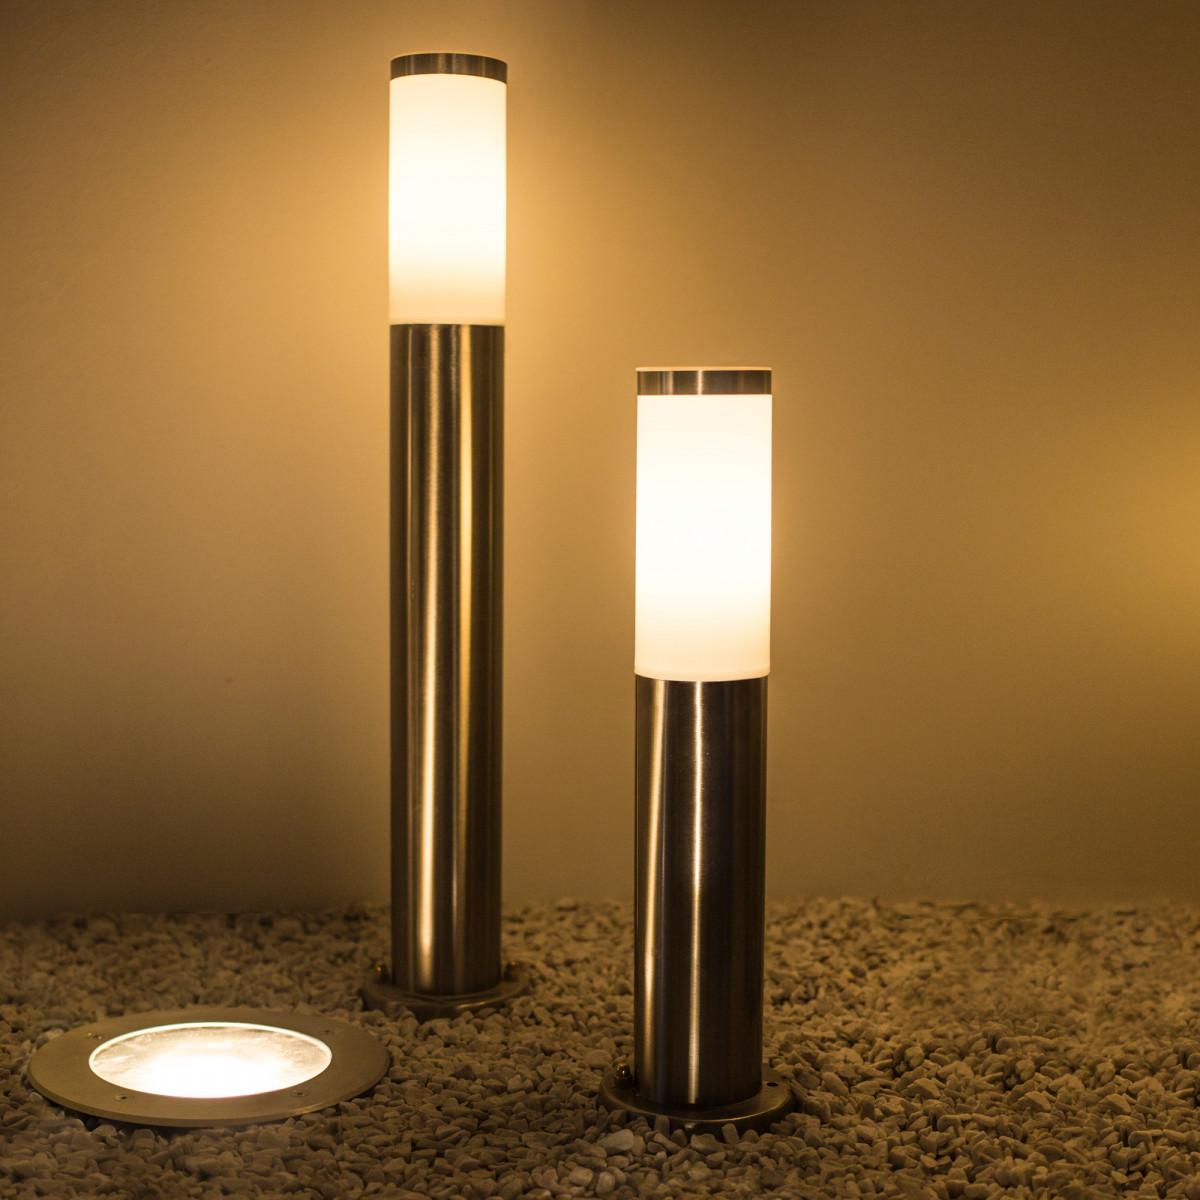 Lech 3 (7028) - KS Verlichting - Tuinlampen